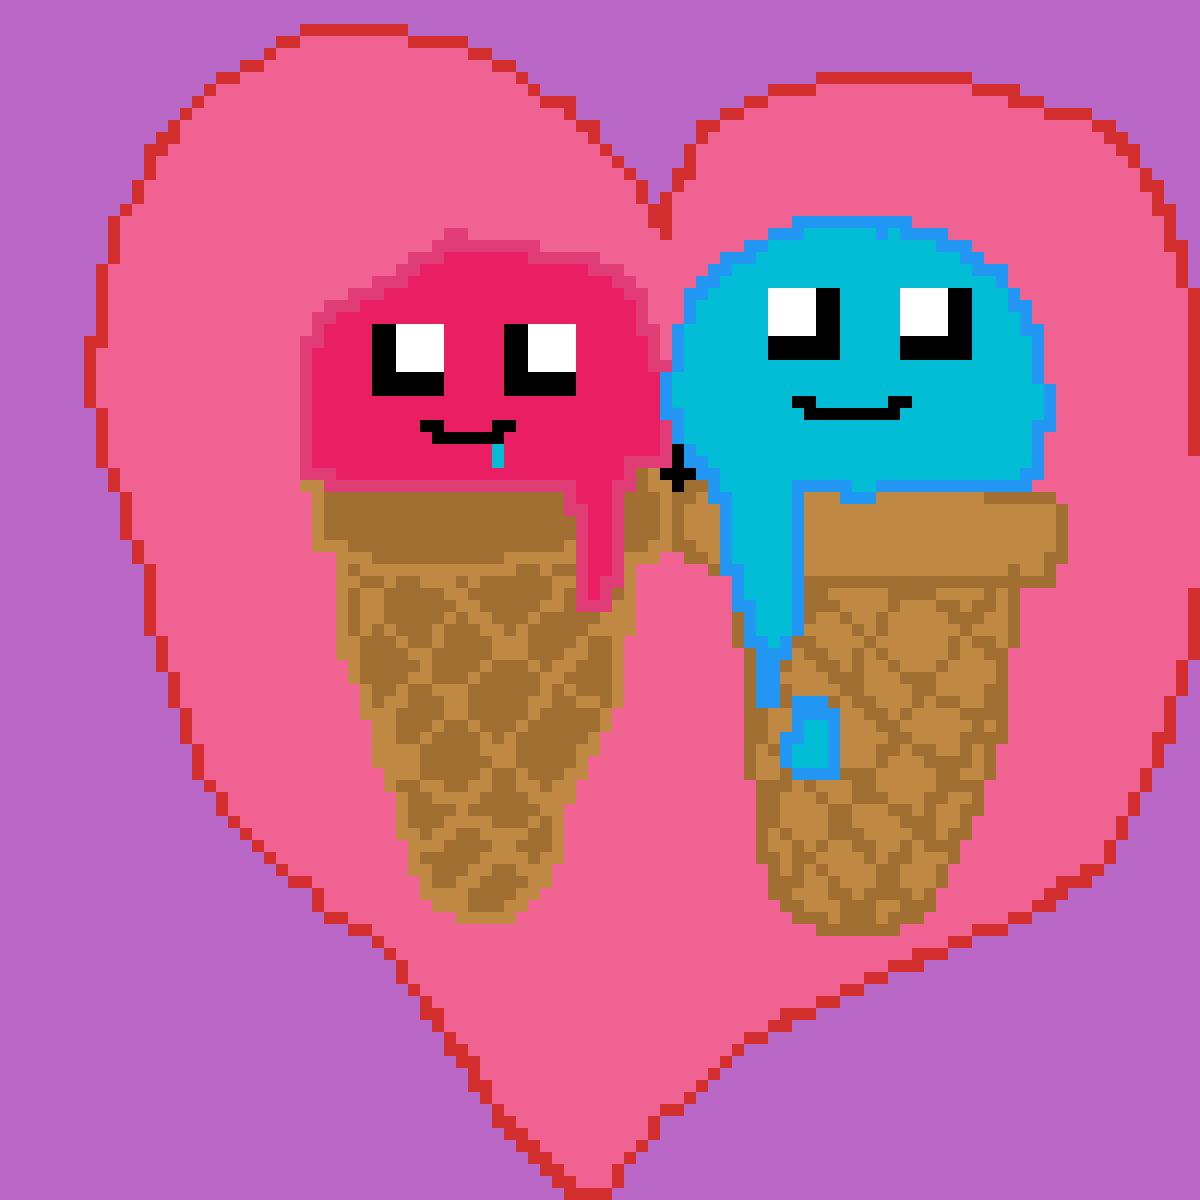 Ice cream by PandaPixelgirl